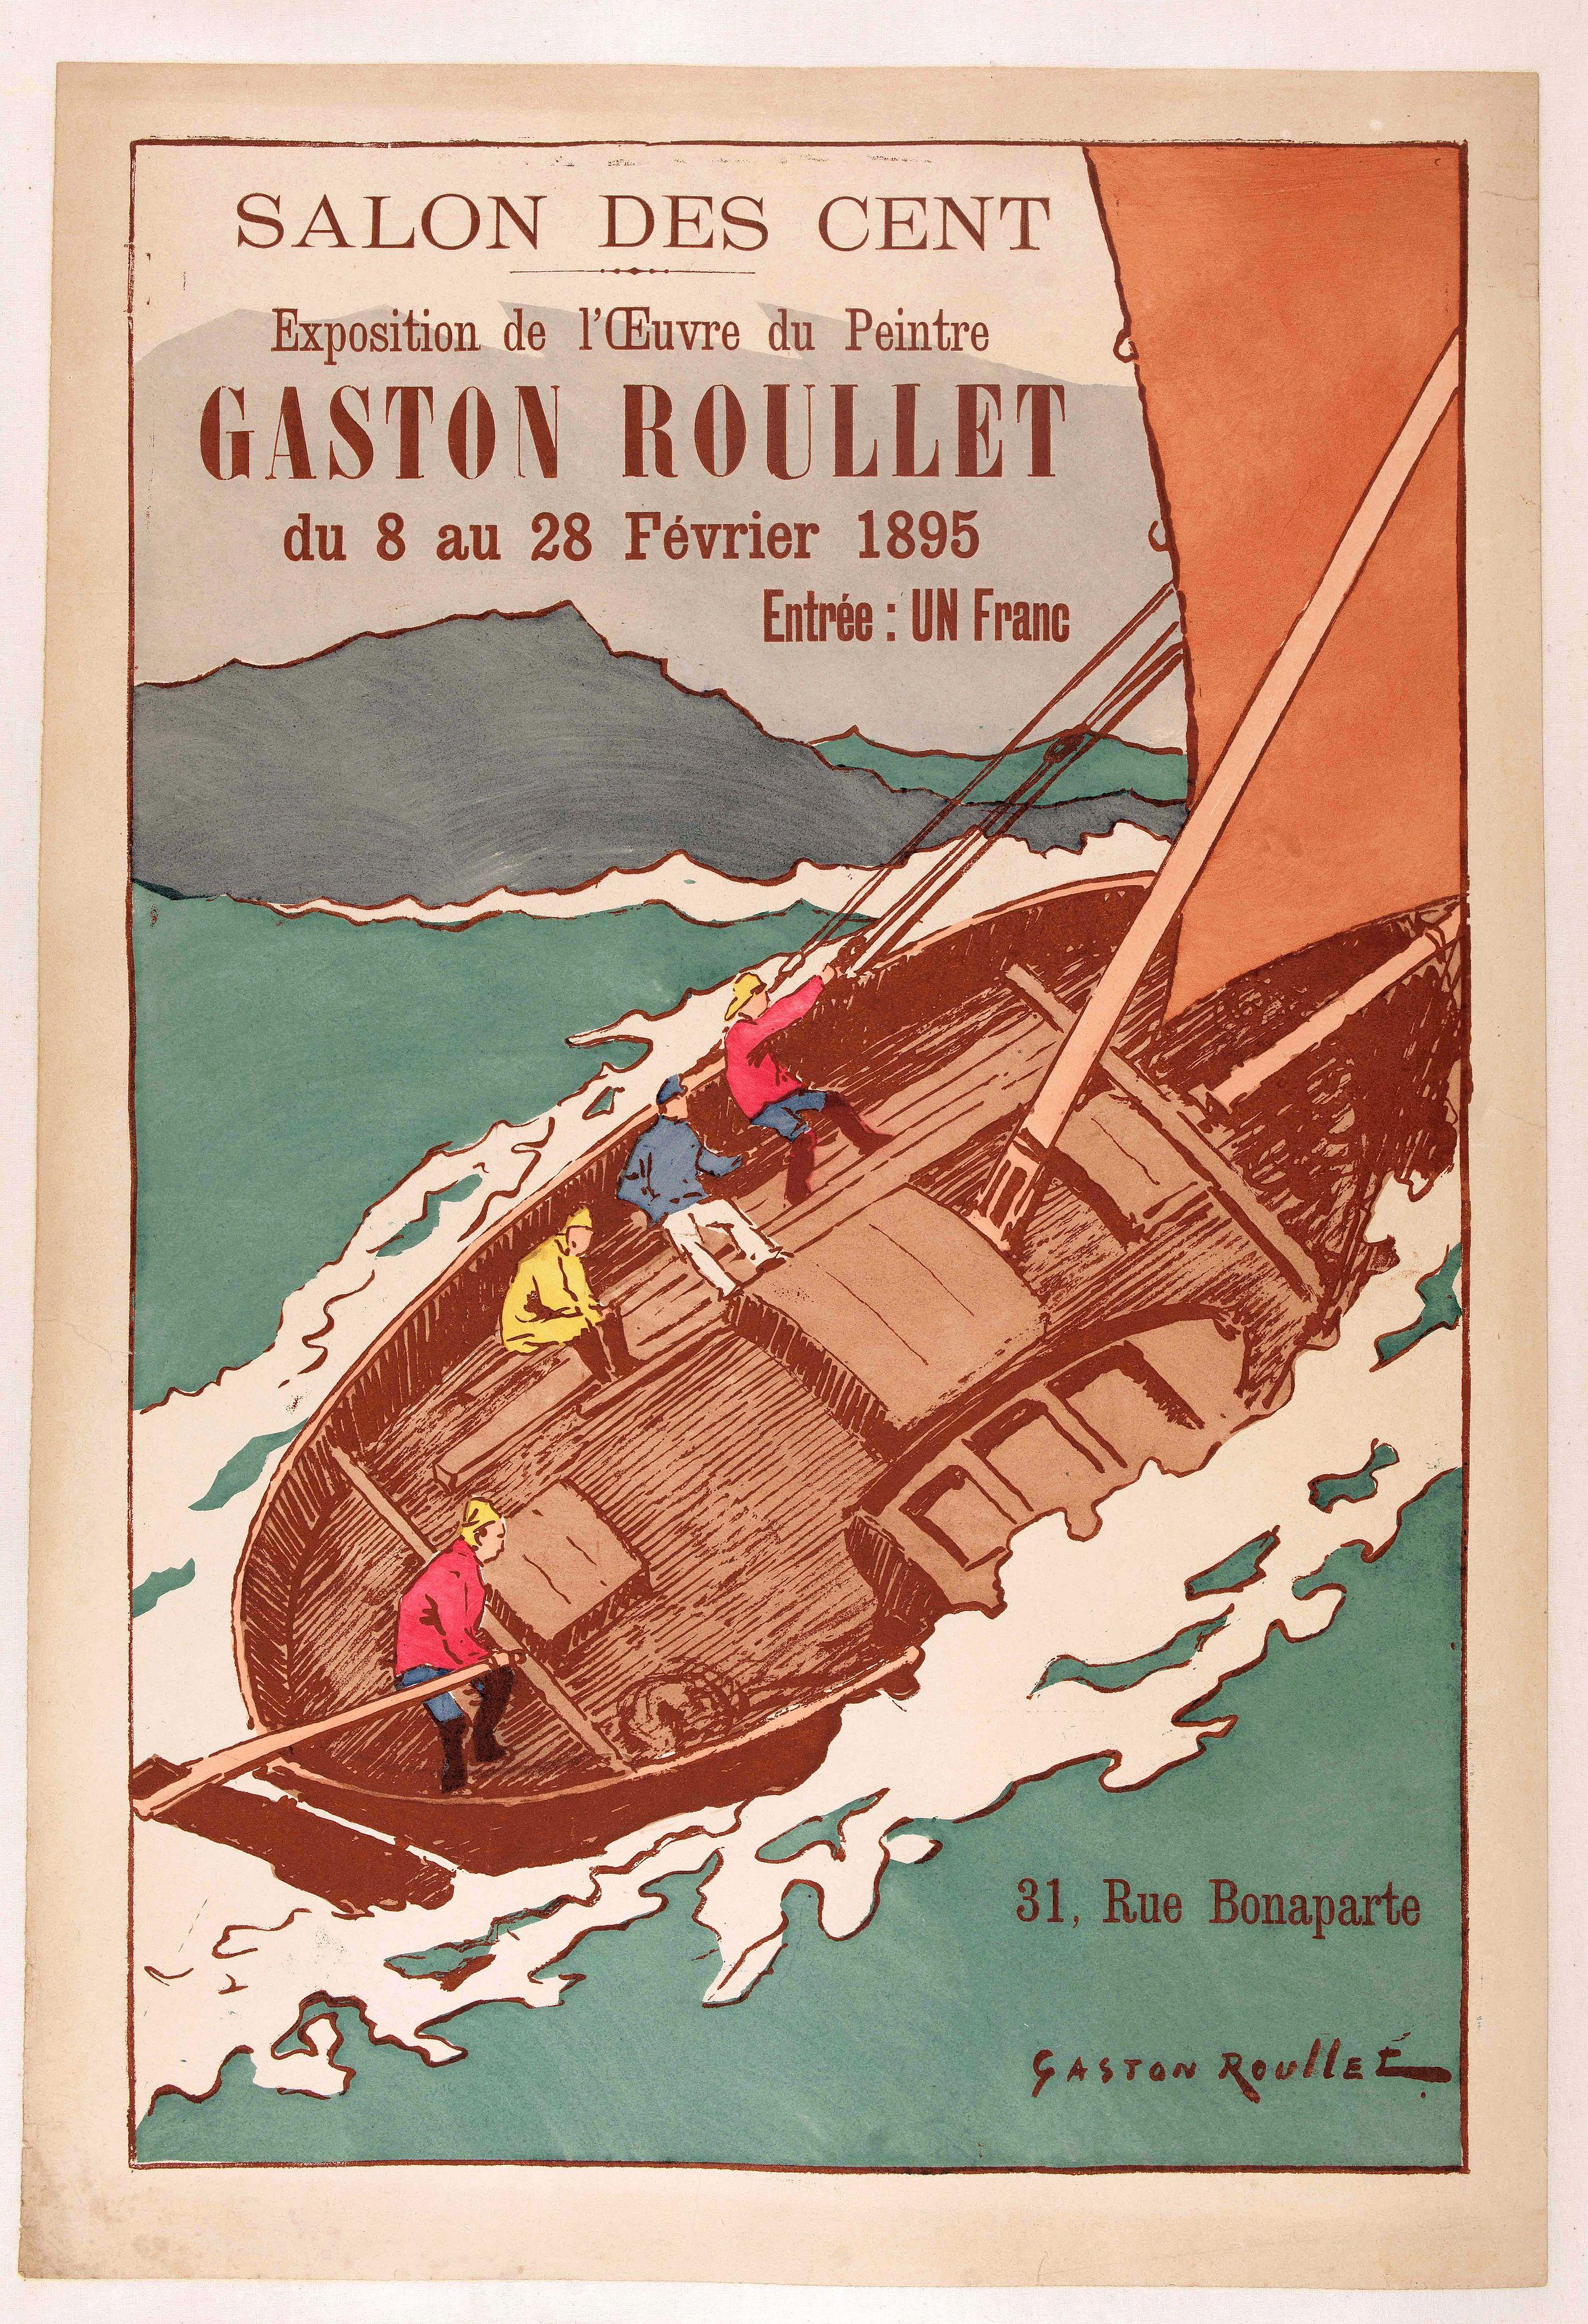 ROULET, G. -  Salon des Cent, exposition de l'œuvre de Gaston Roullet du 8 au 28 février 1895.